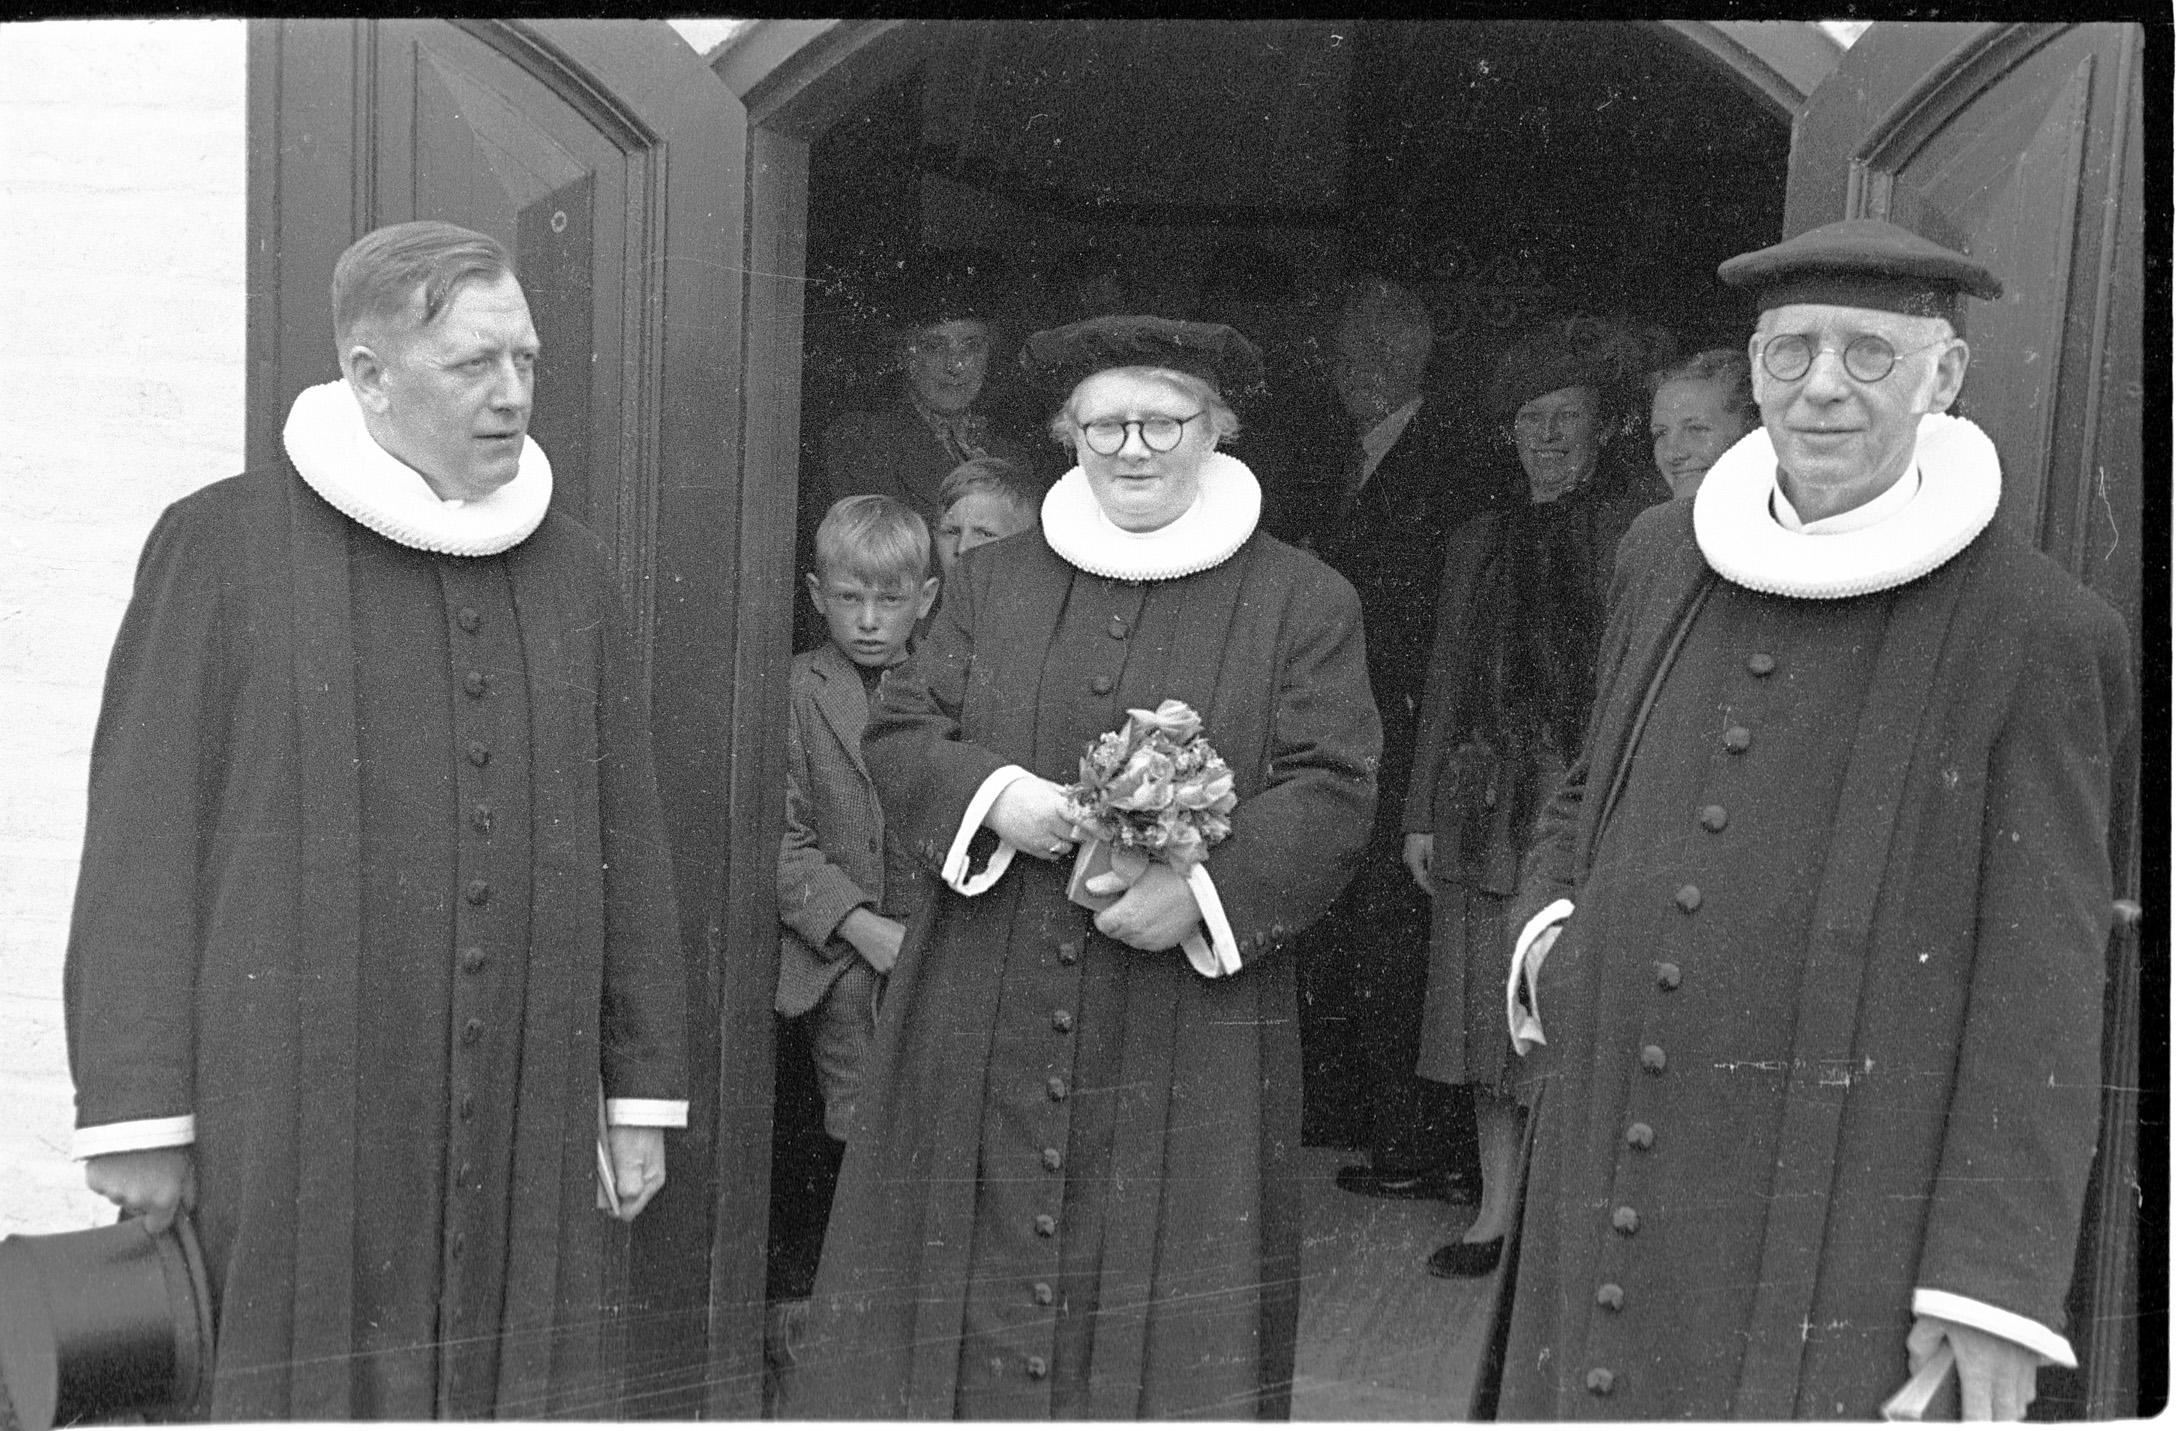 Den første kvindelige præst på Fyn blev indsat den 2. maj 1948 i Nr. Aaby kirke.